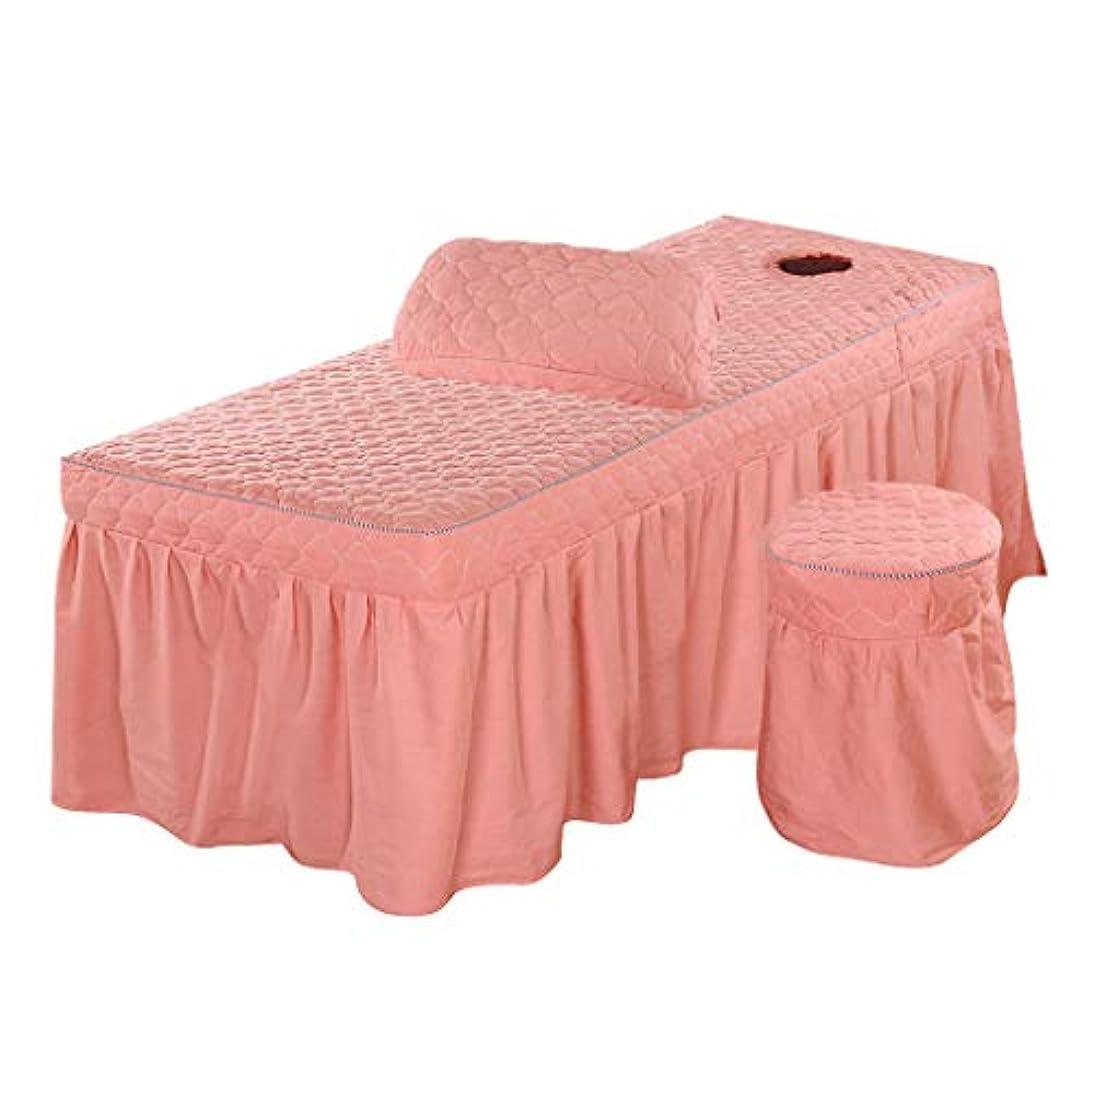 写真撮影剪断初期の3点セット 美容ベッドスカート 有孔 スツールカバー 枕カバー付き 通気性 - ピンク